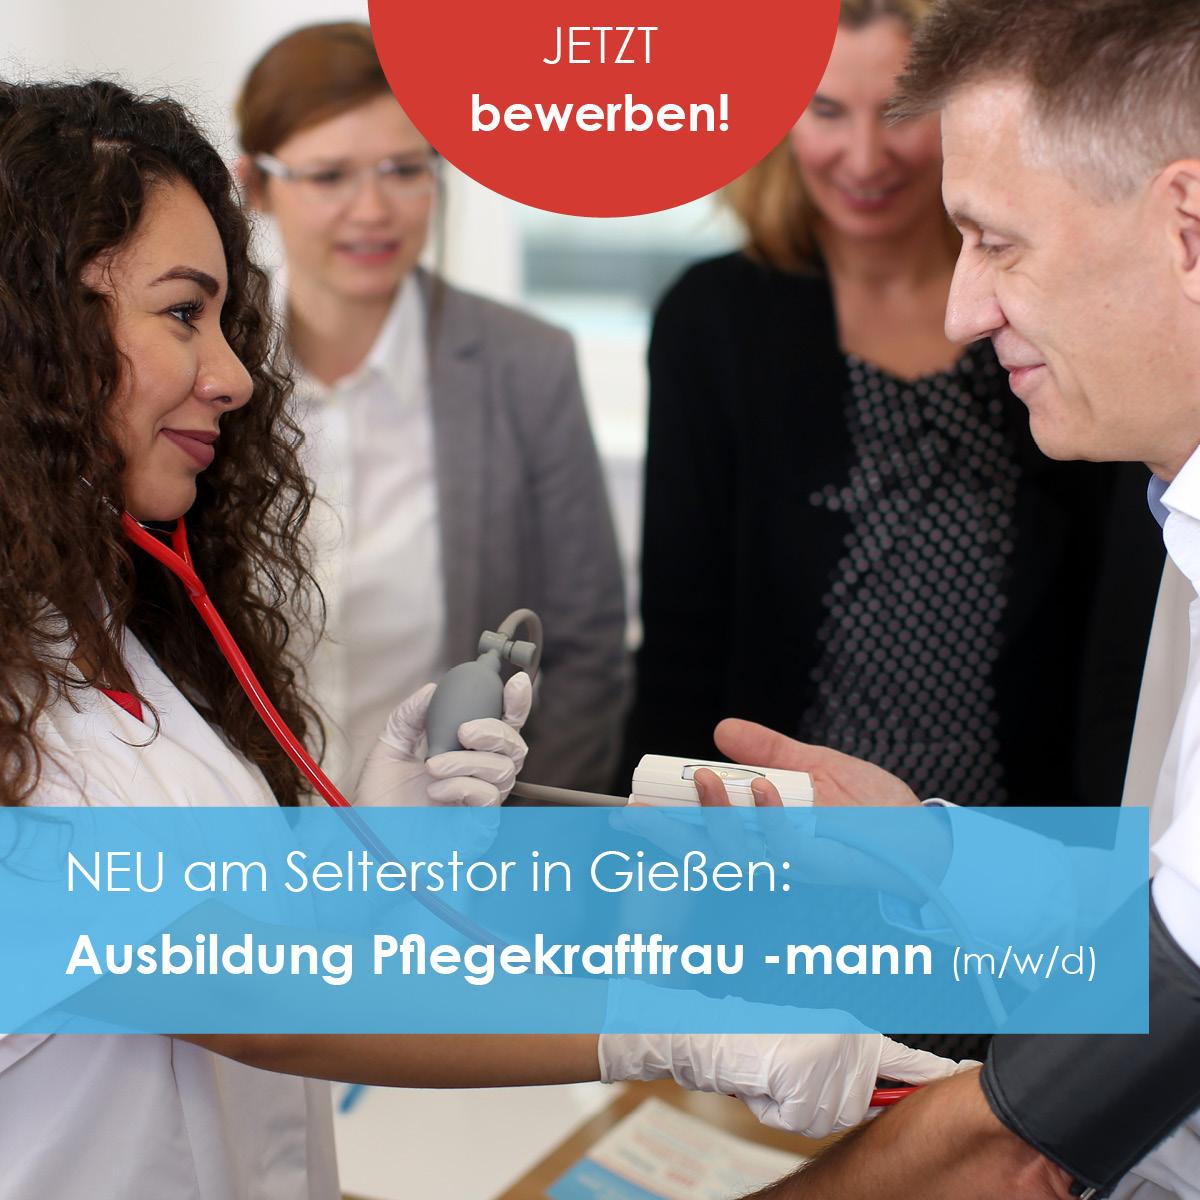 Pflegeschule Selterstor Giessen